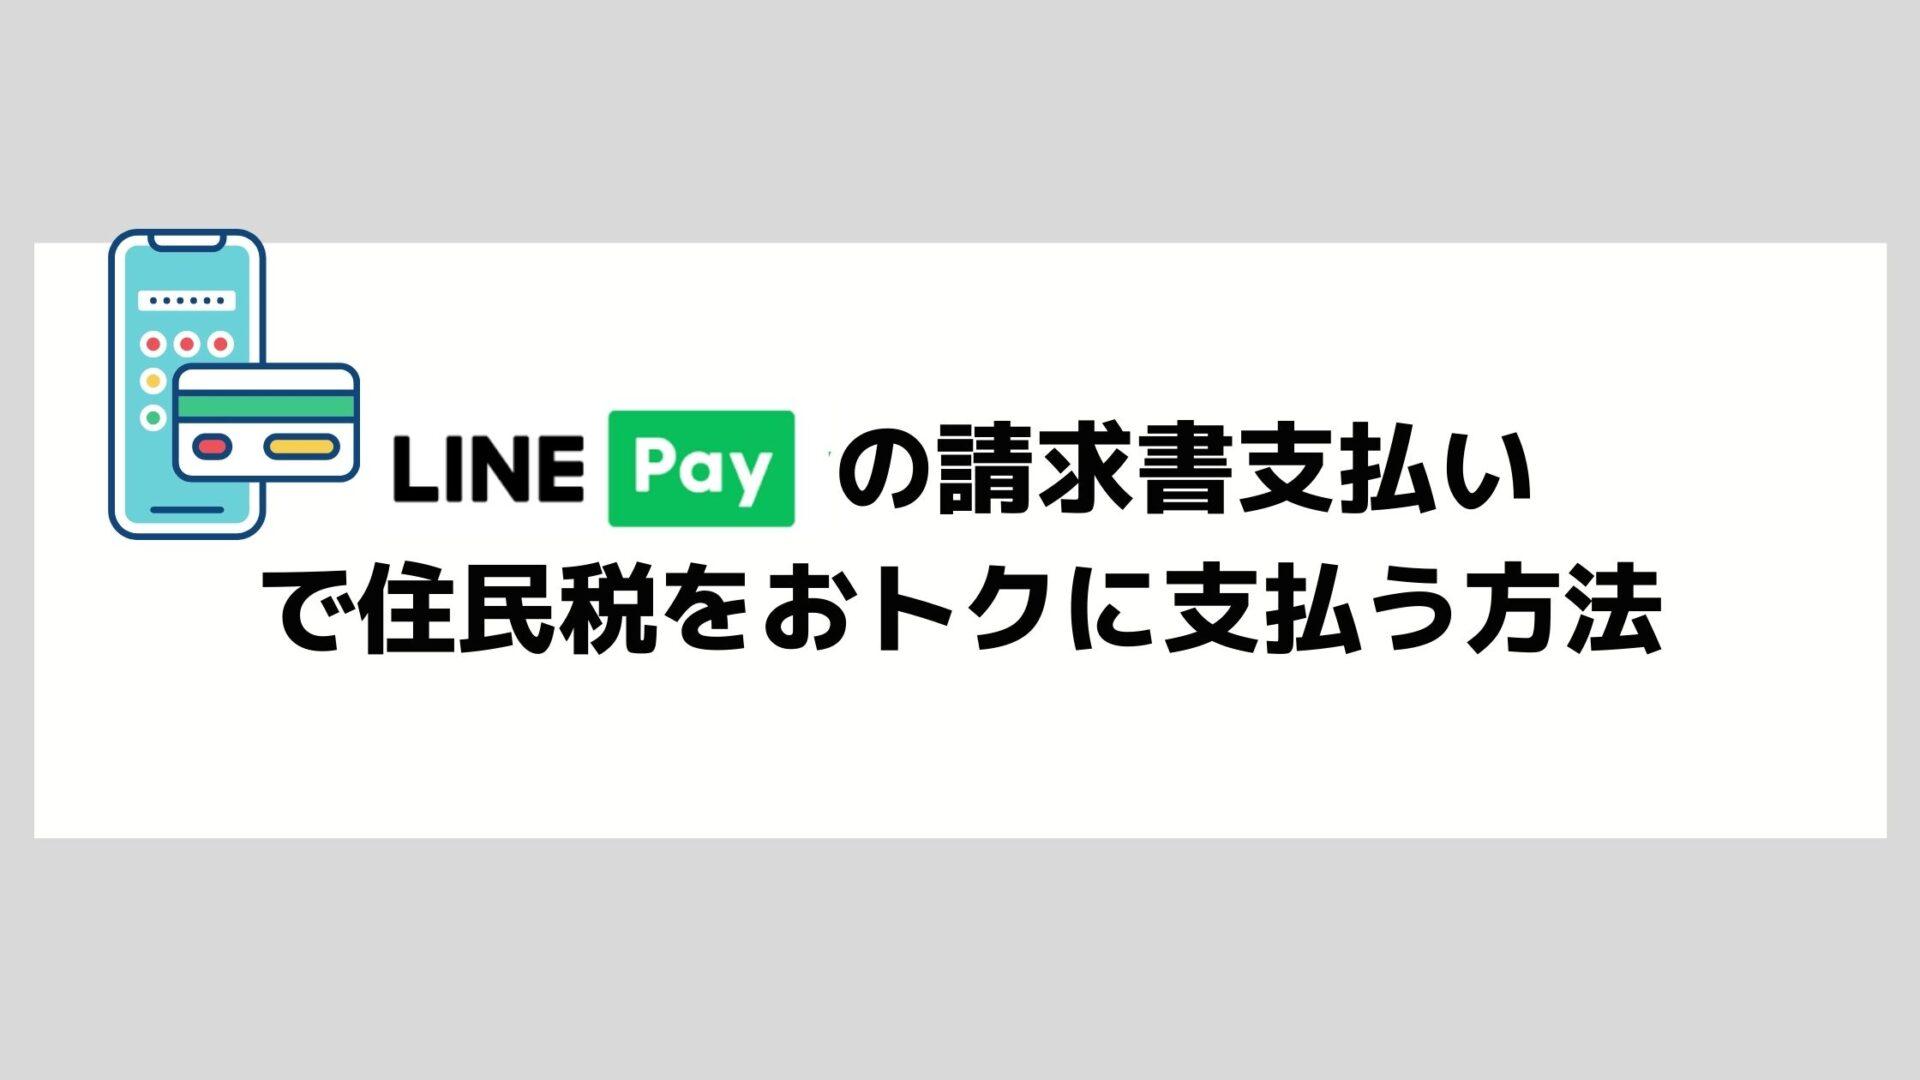 LINE Pay請求書支払いで住民税をおトクに支払う方法